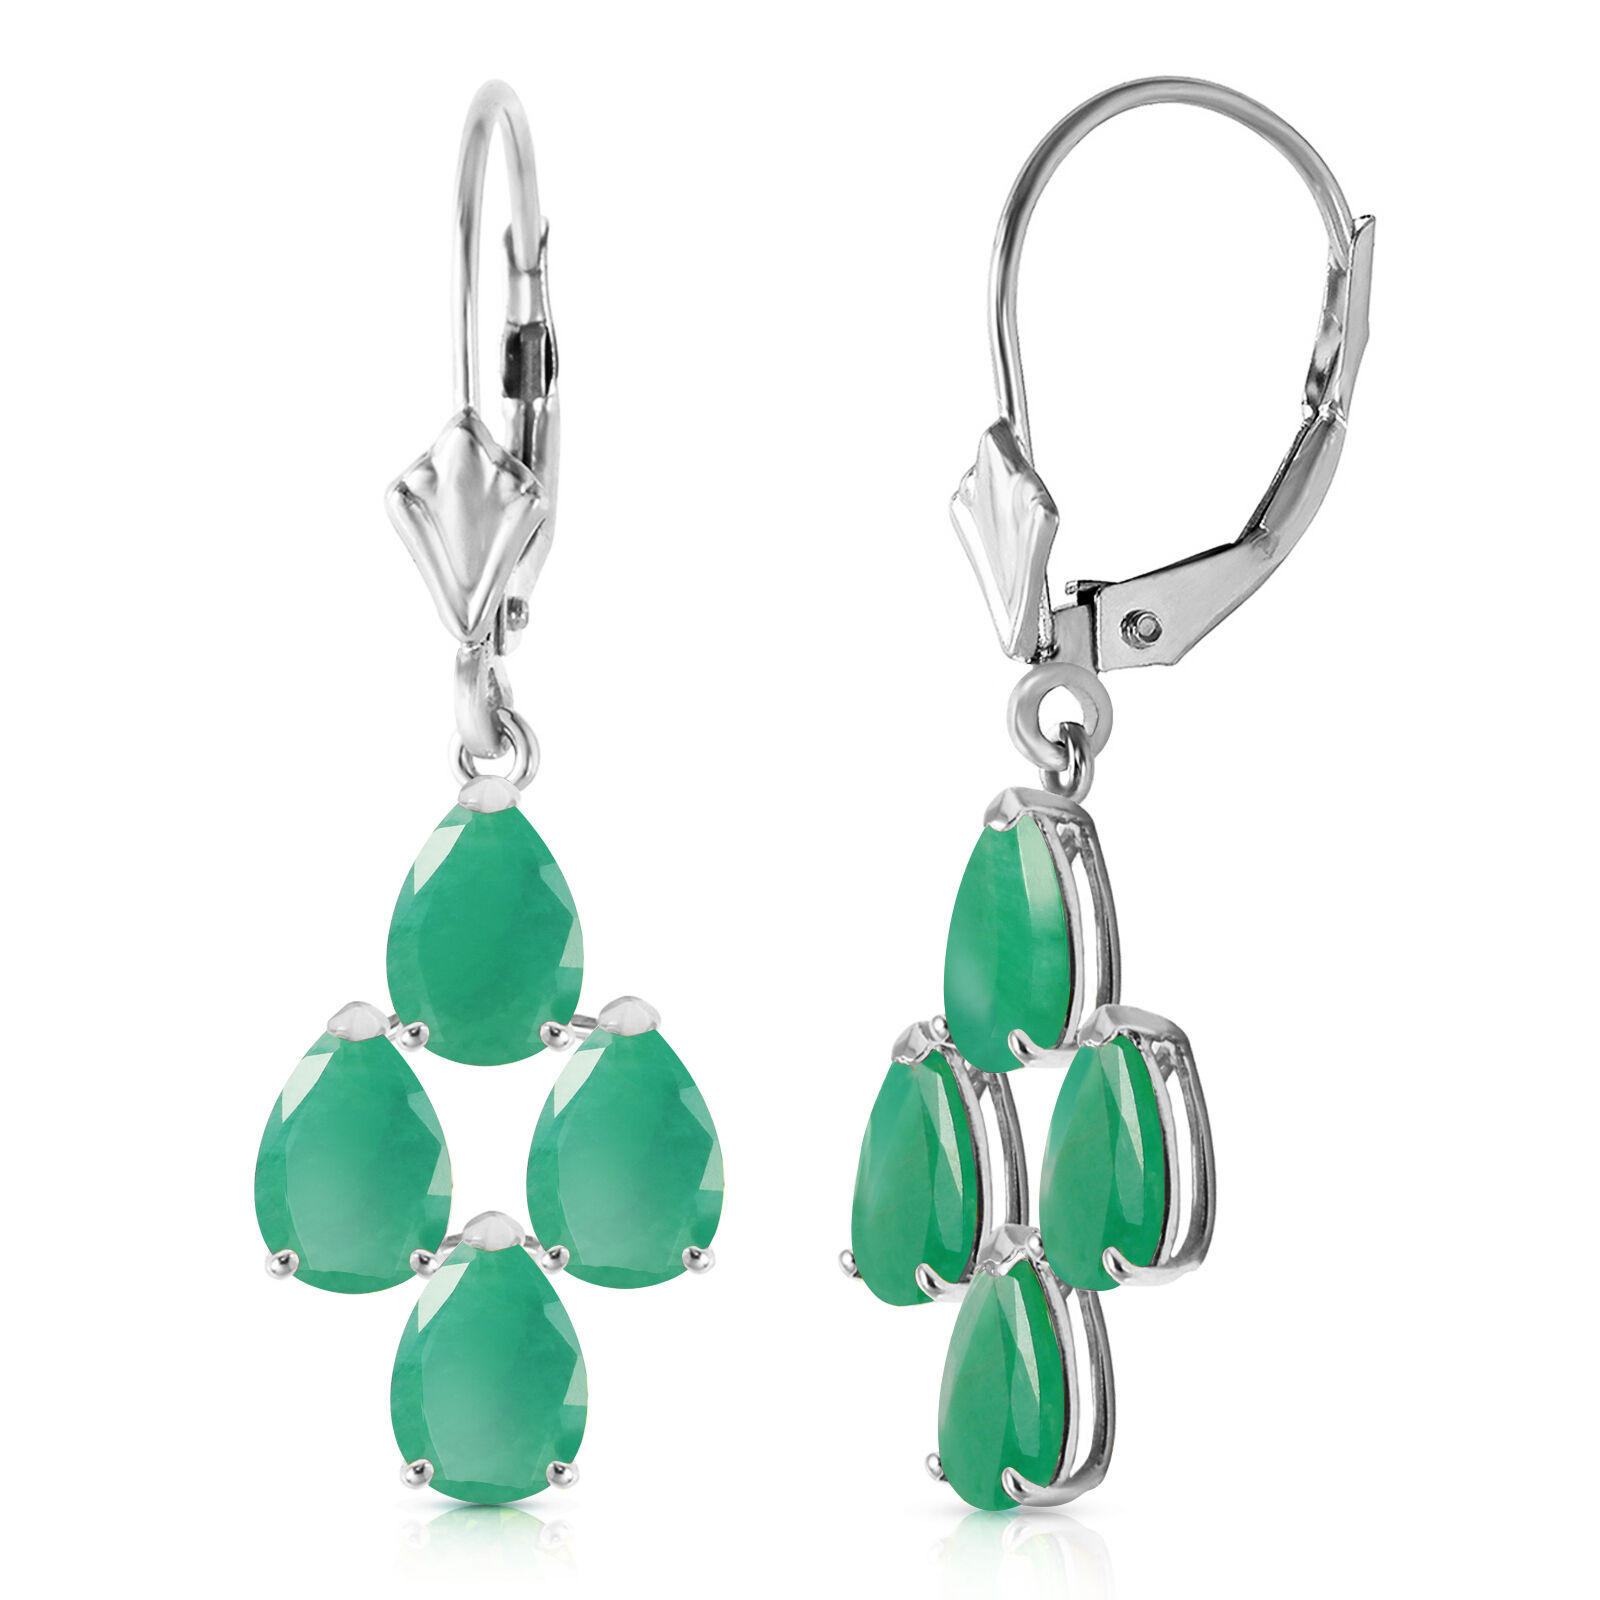 4.5 Carat 14K Solid White gold Gazelle Emerald Earrings